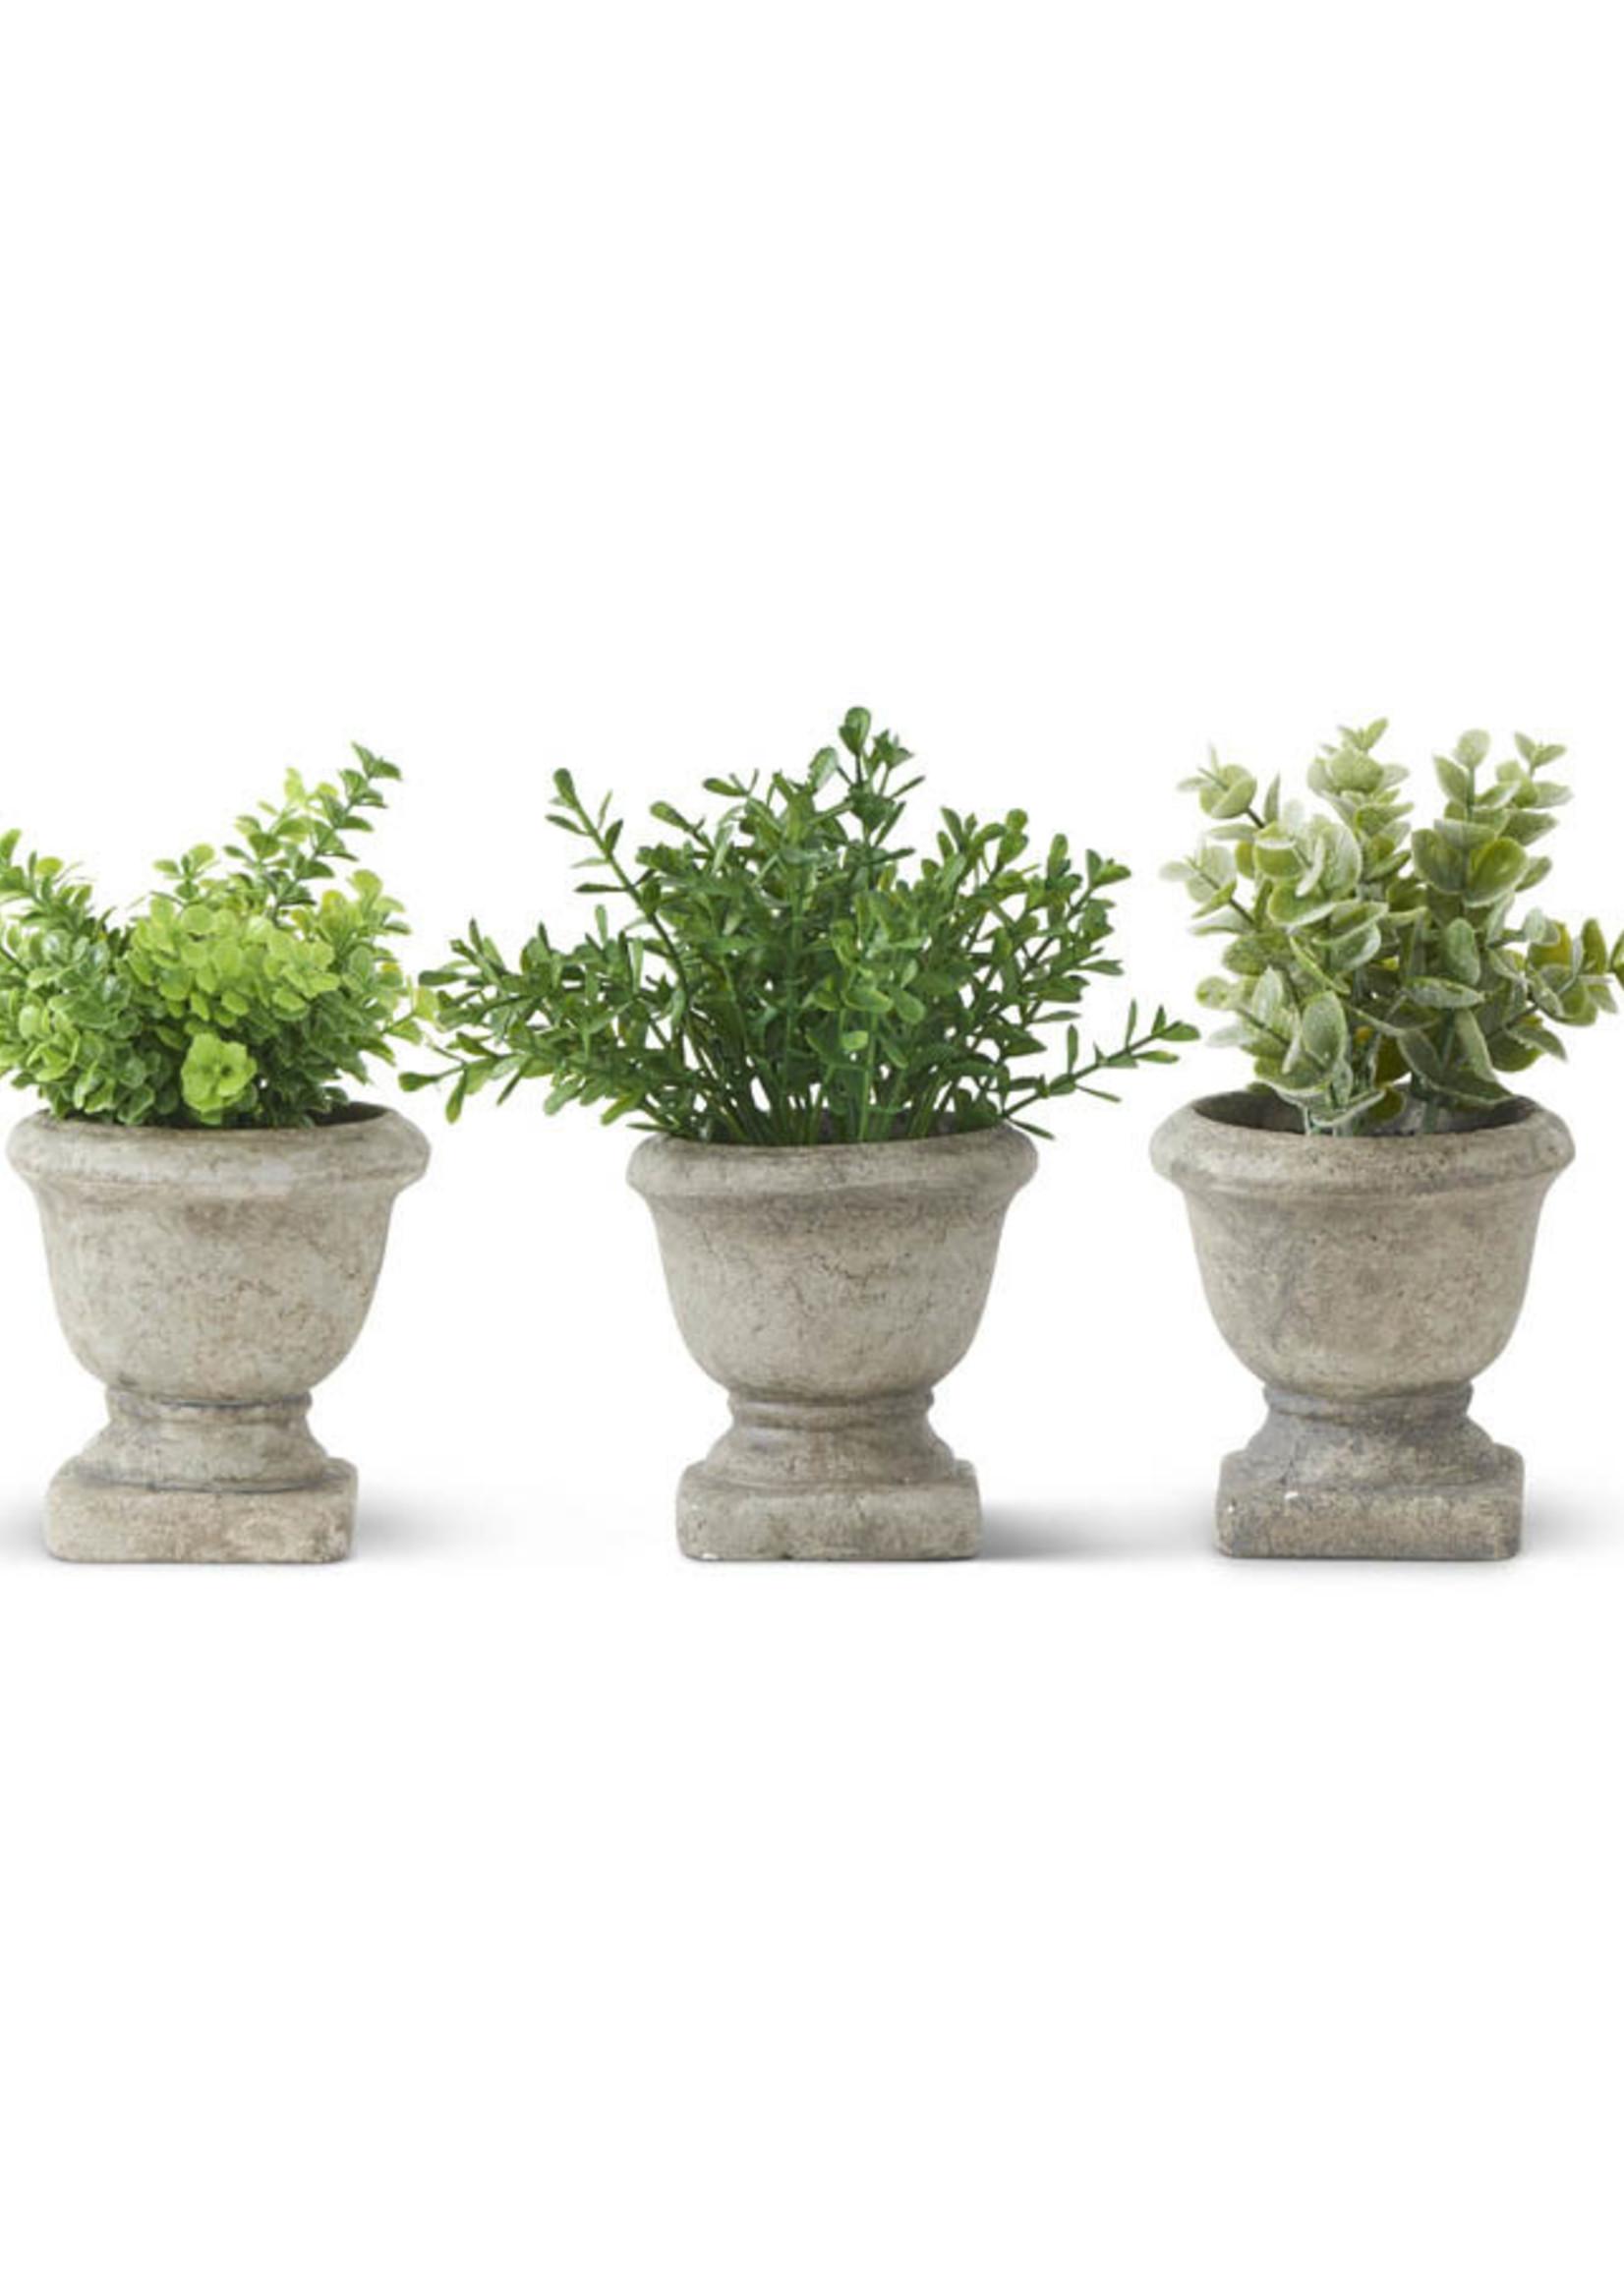 7 inch Succulent in MIni Cement Urn